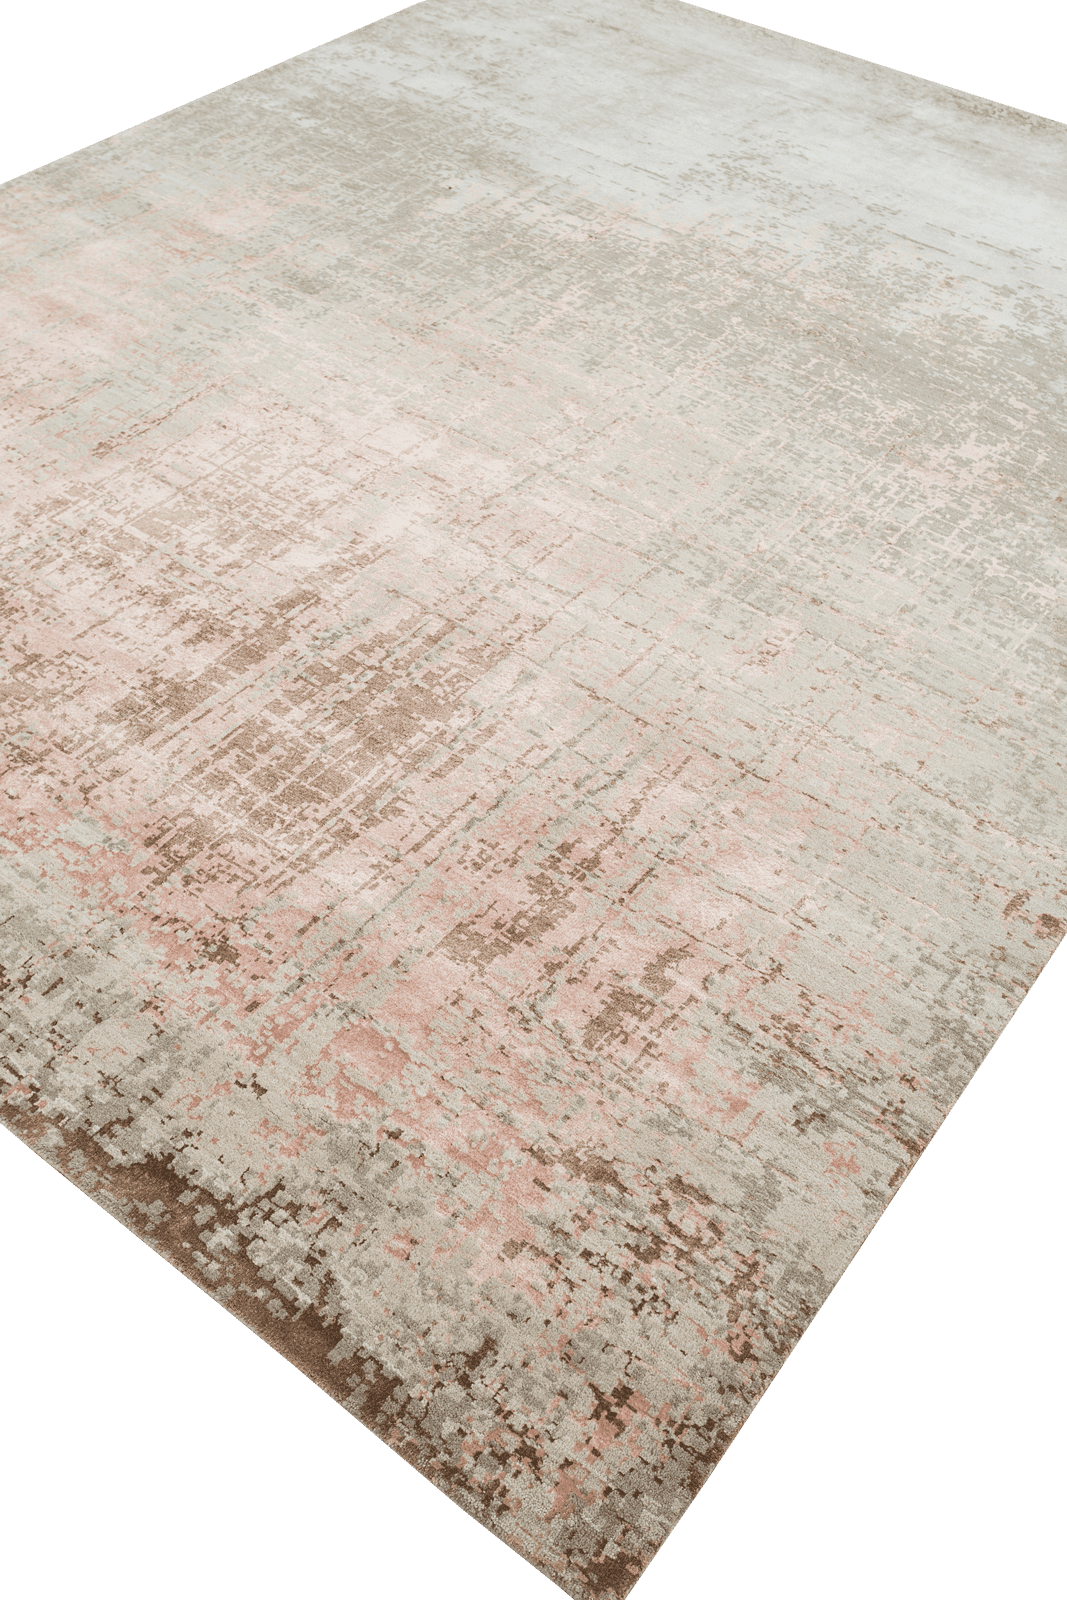 riviera-antique-white-design-tapijt-luxe-moderne-exclusieve-design-tapijten-luxe-vloerkleden-haute-couture-zijde-koreman-maastricht